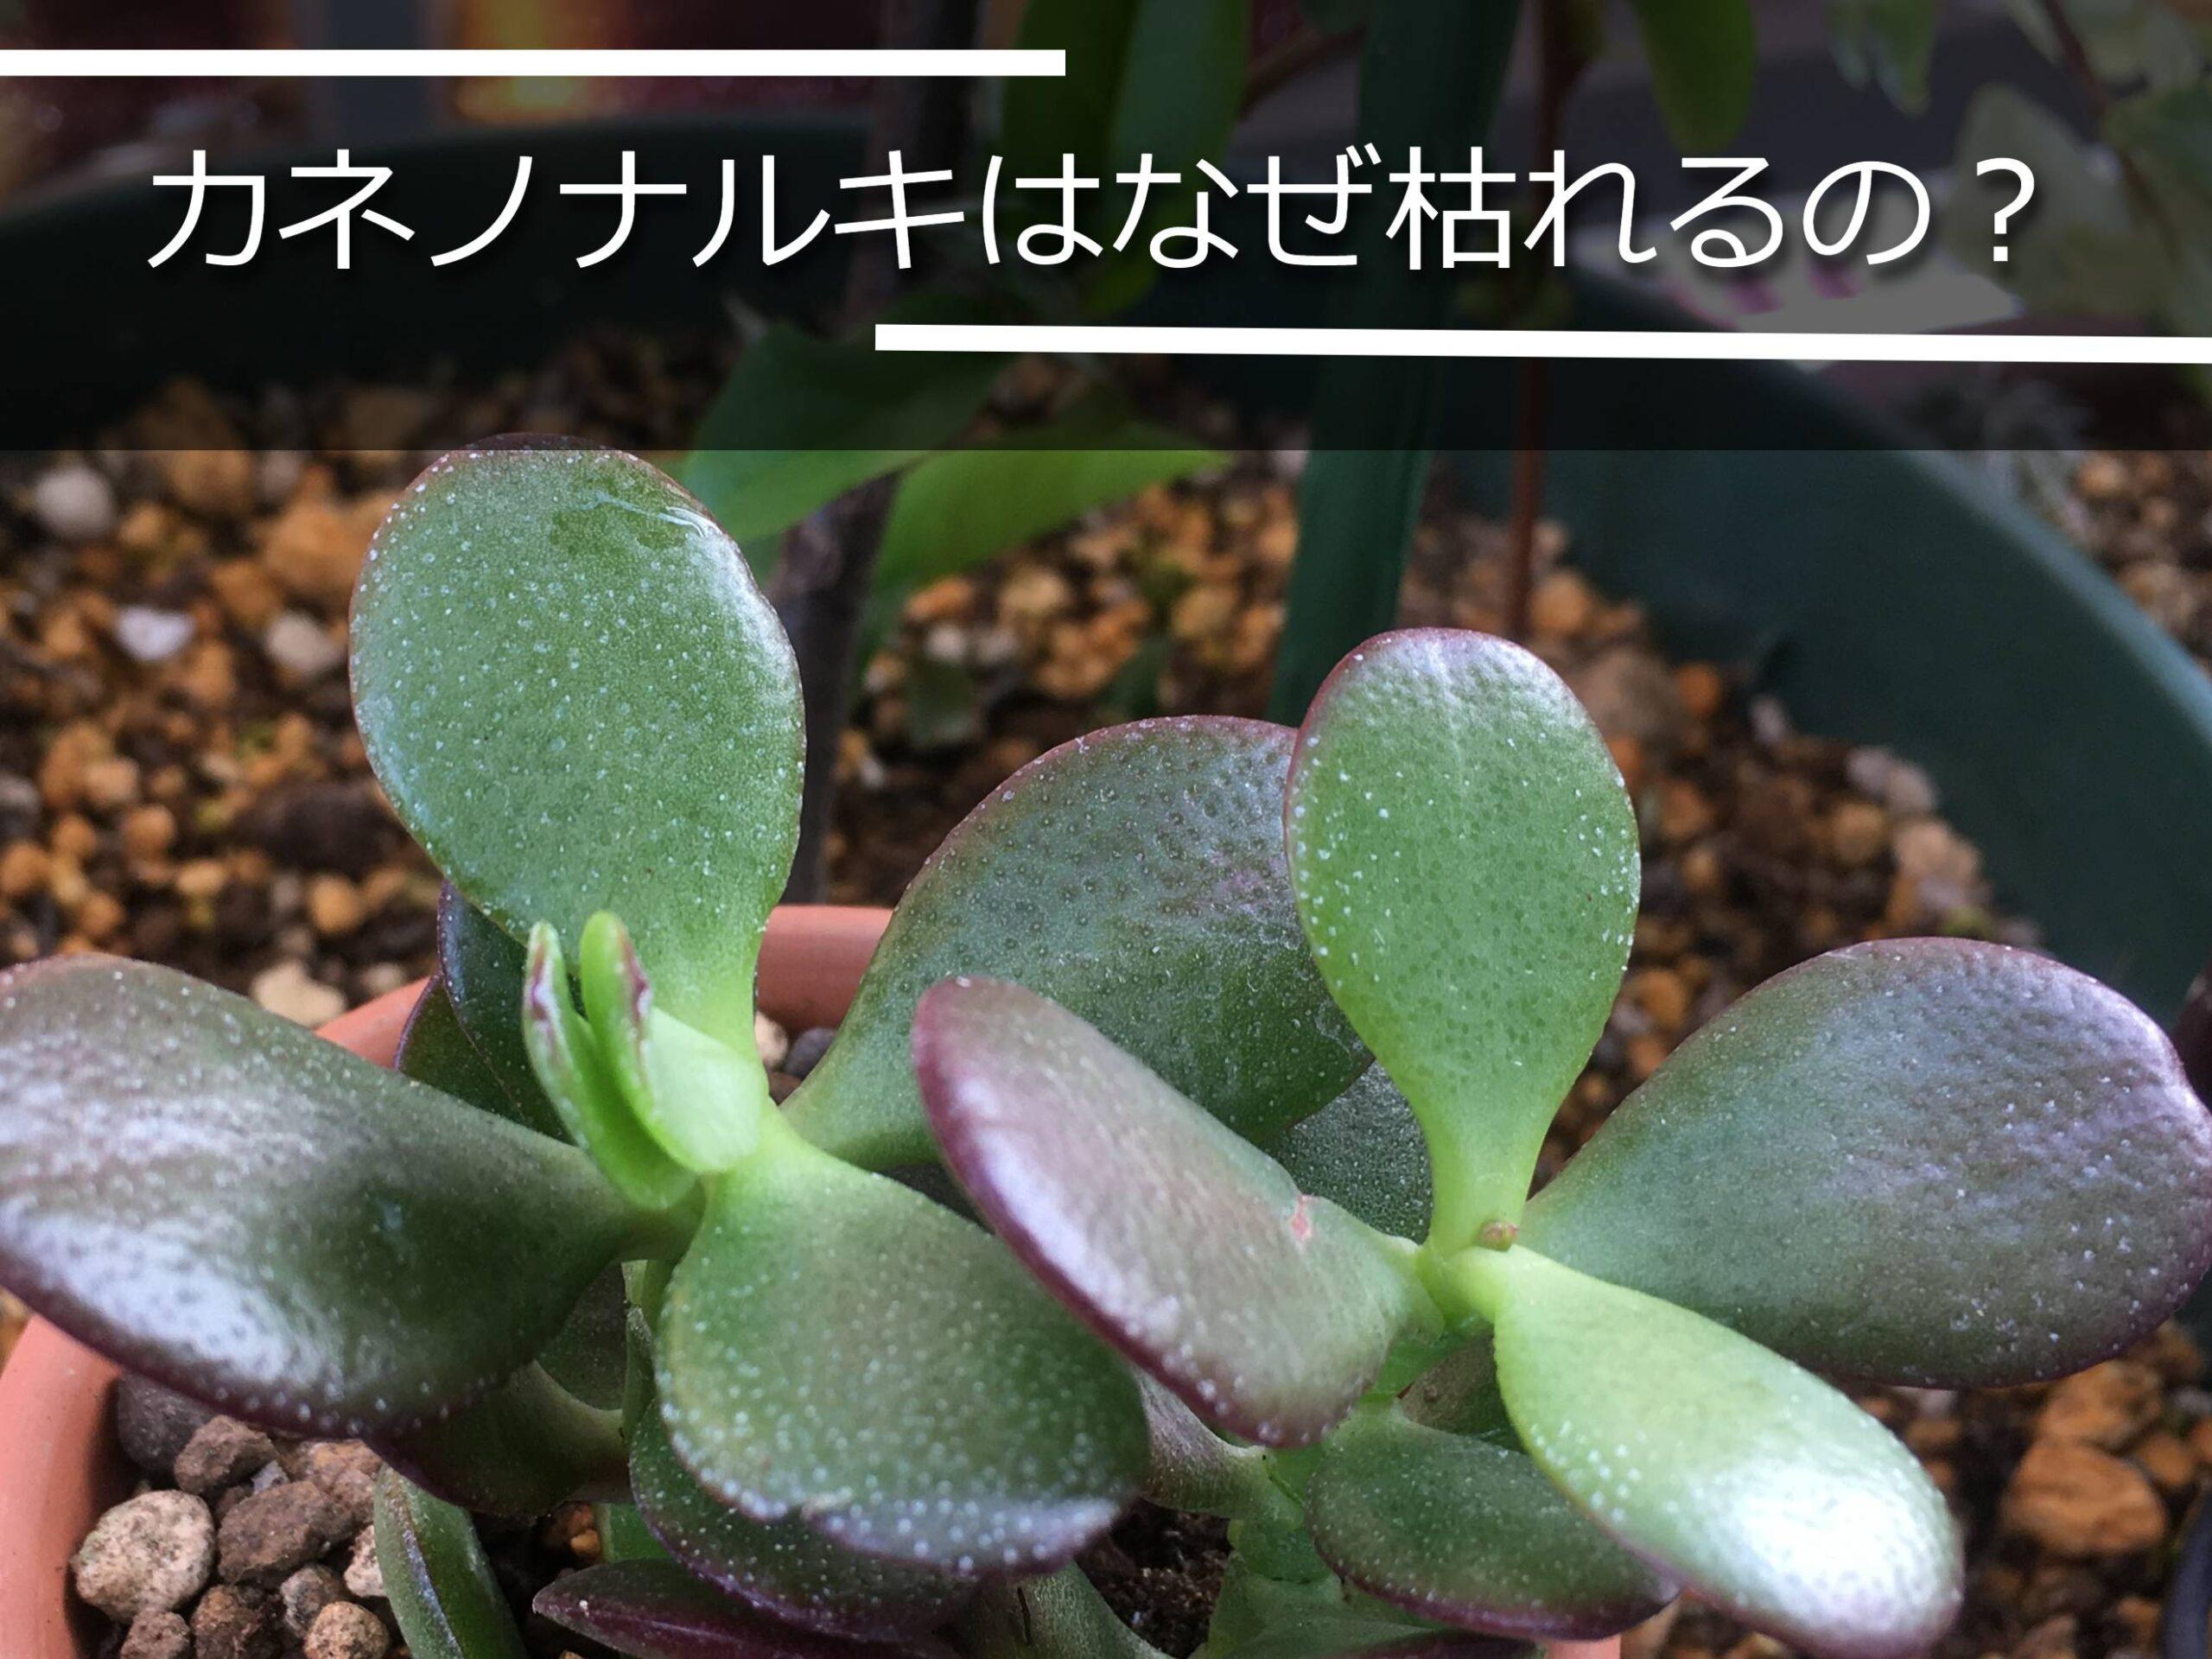 カネノナルキの葉